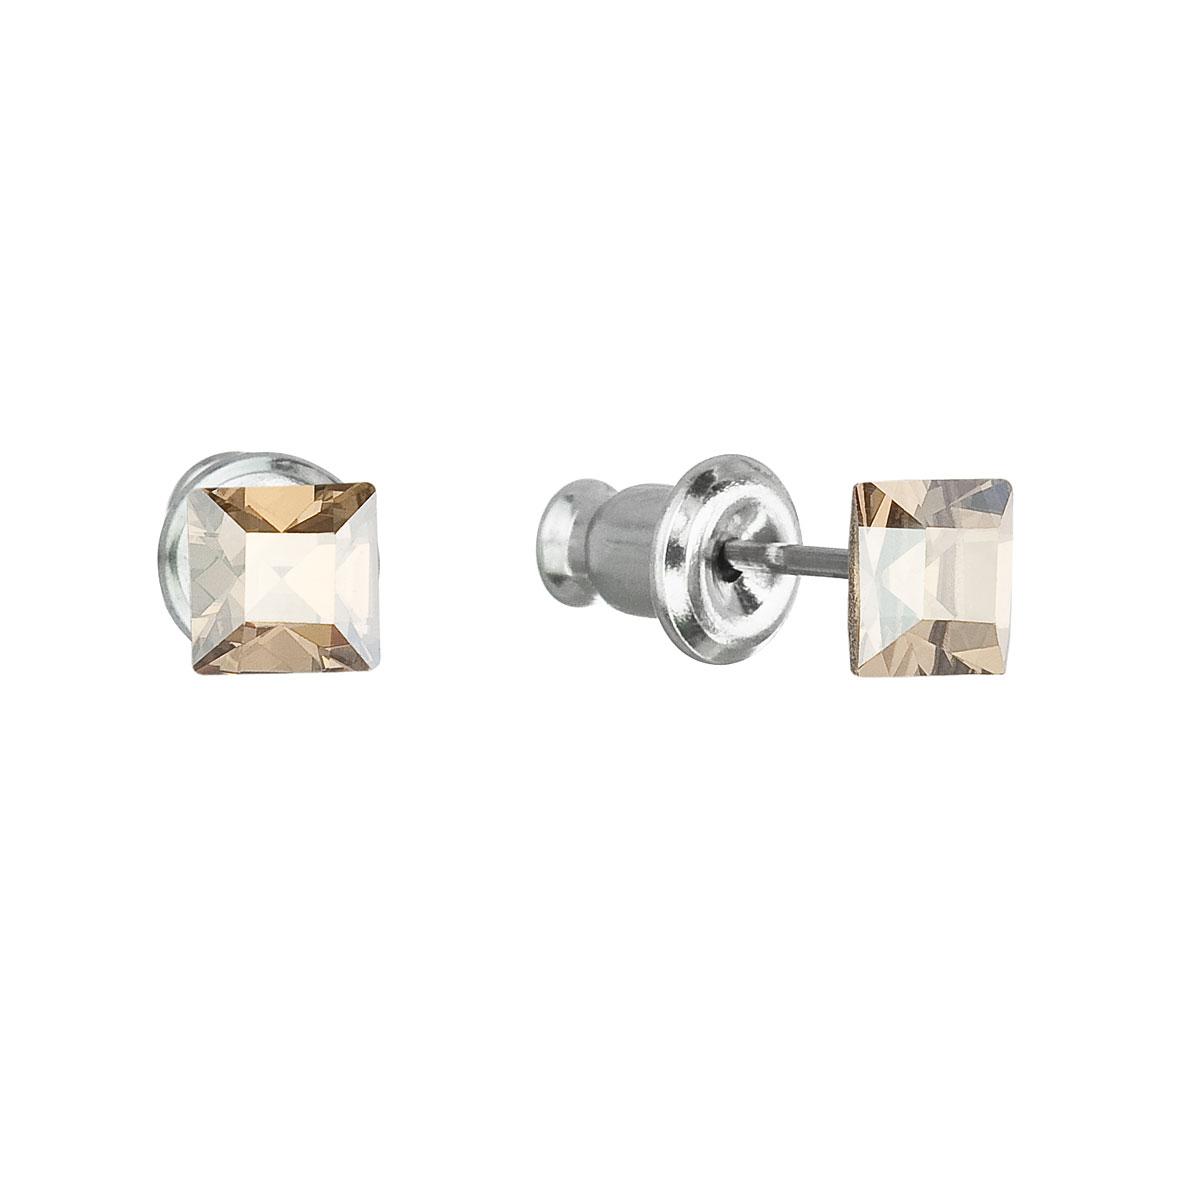 Evolution Group Náušnice se Swarovski krystaly zlatá čtverec 51052.5